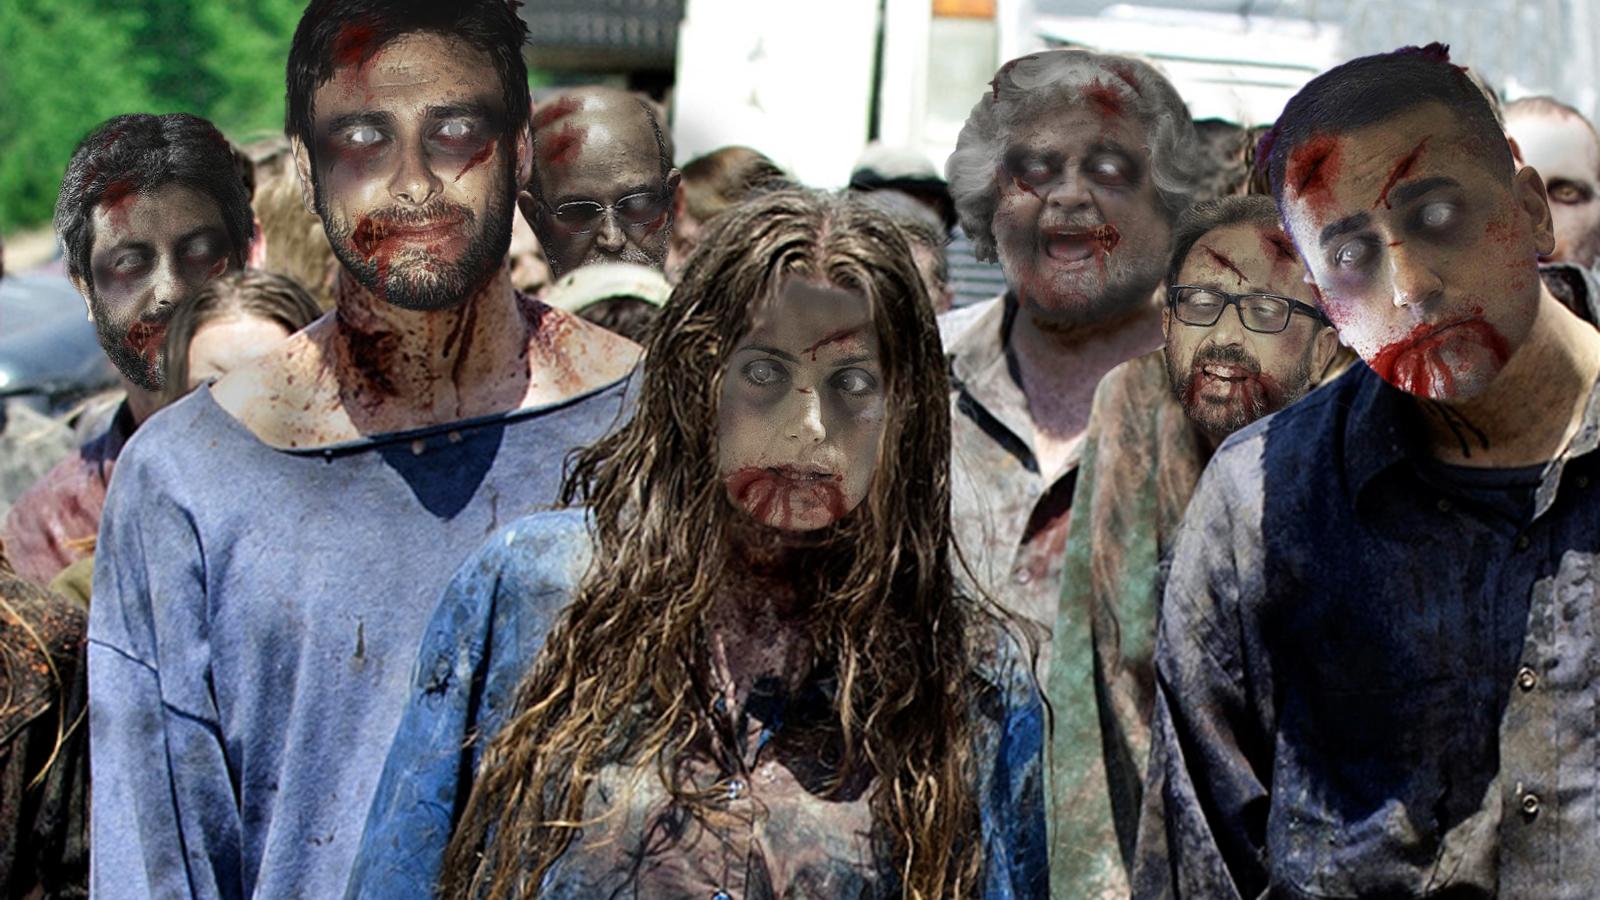 zombie-grillini-2.jpg